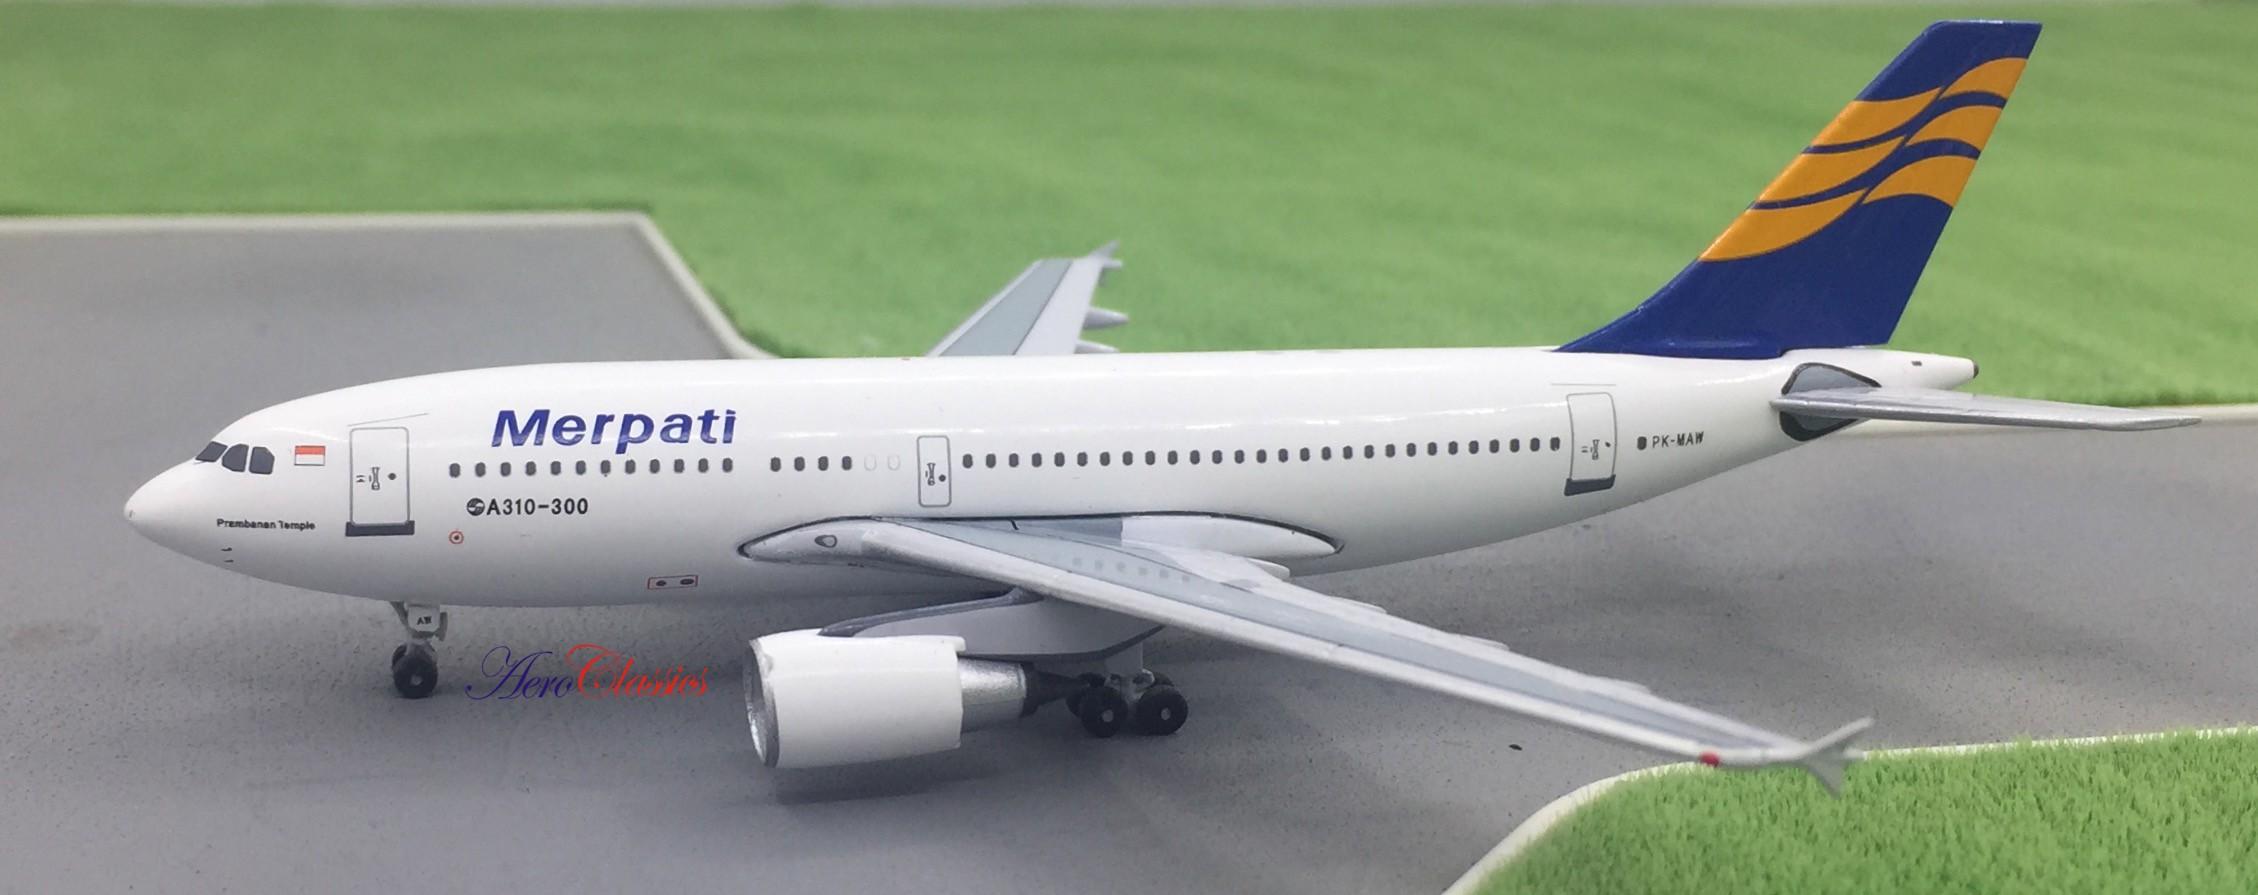 Merpati Airbus A310-300